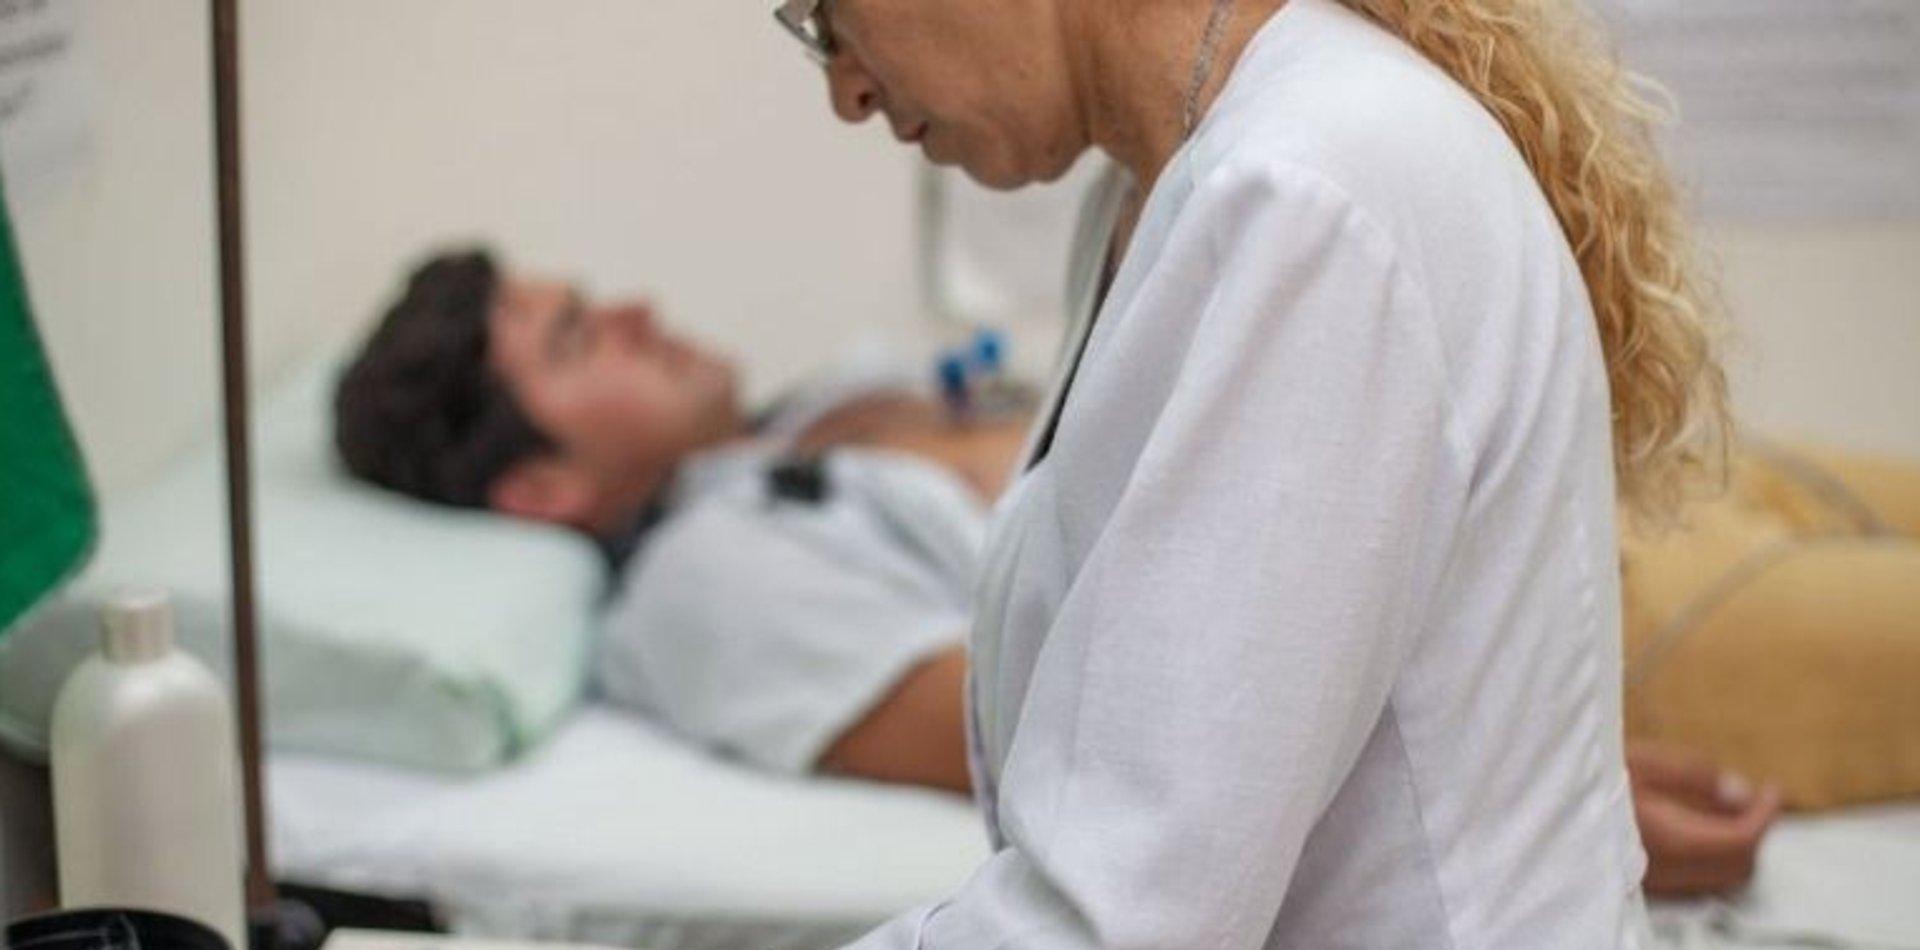 Polémica: pacientes discapacitados y de bajos recursos quedan sin cobertura de salud